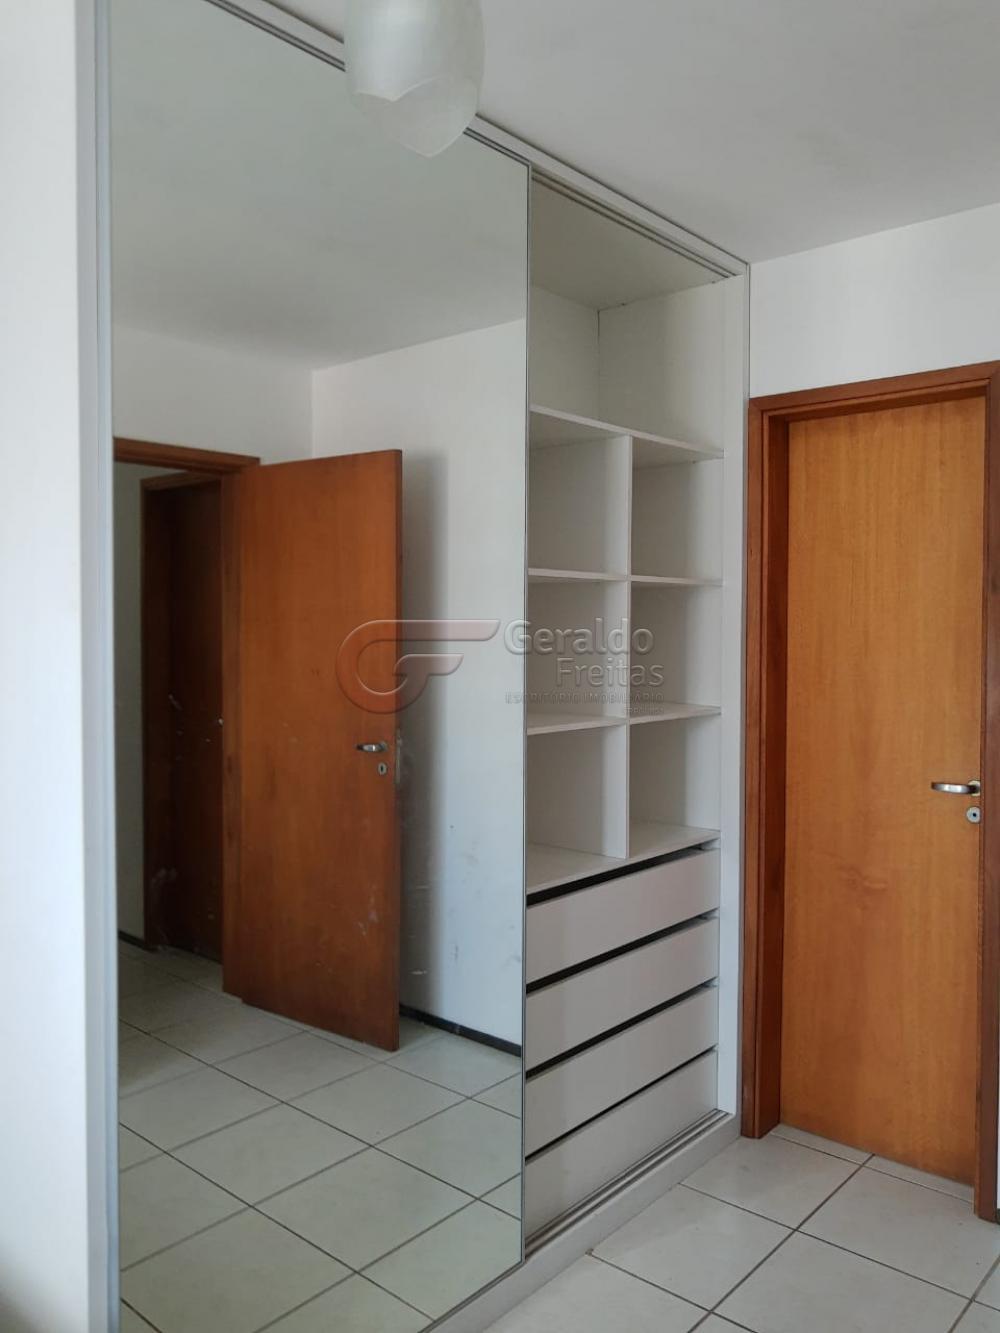 Comprar Apartamentos / Padrão em Maceió apenas R$ 350.000,00 - Foto 11